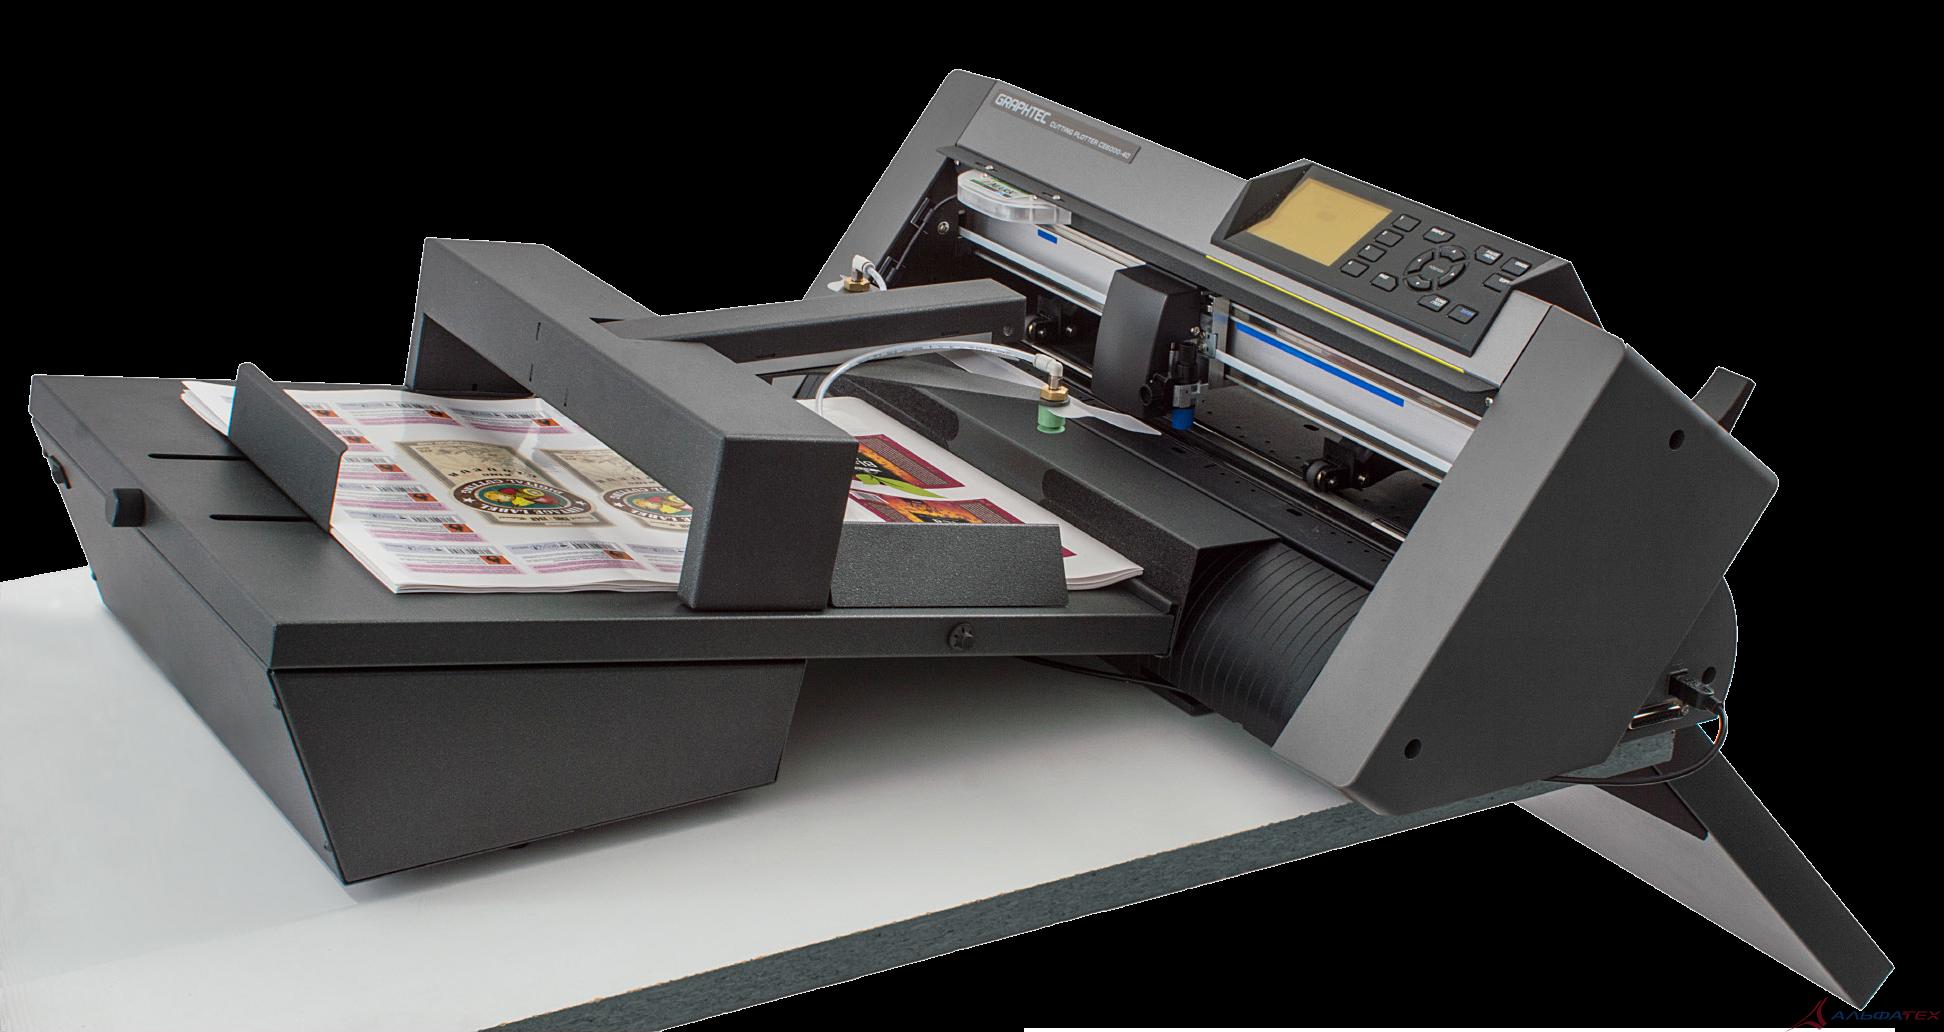 Принтер для печать открыток, иванов смешные